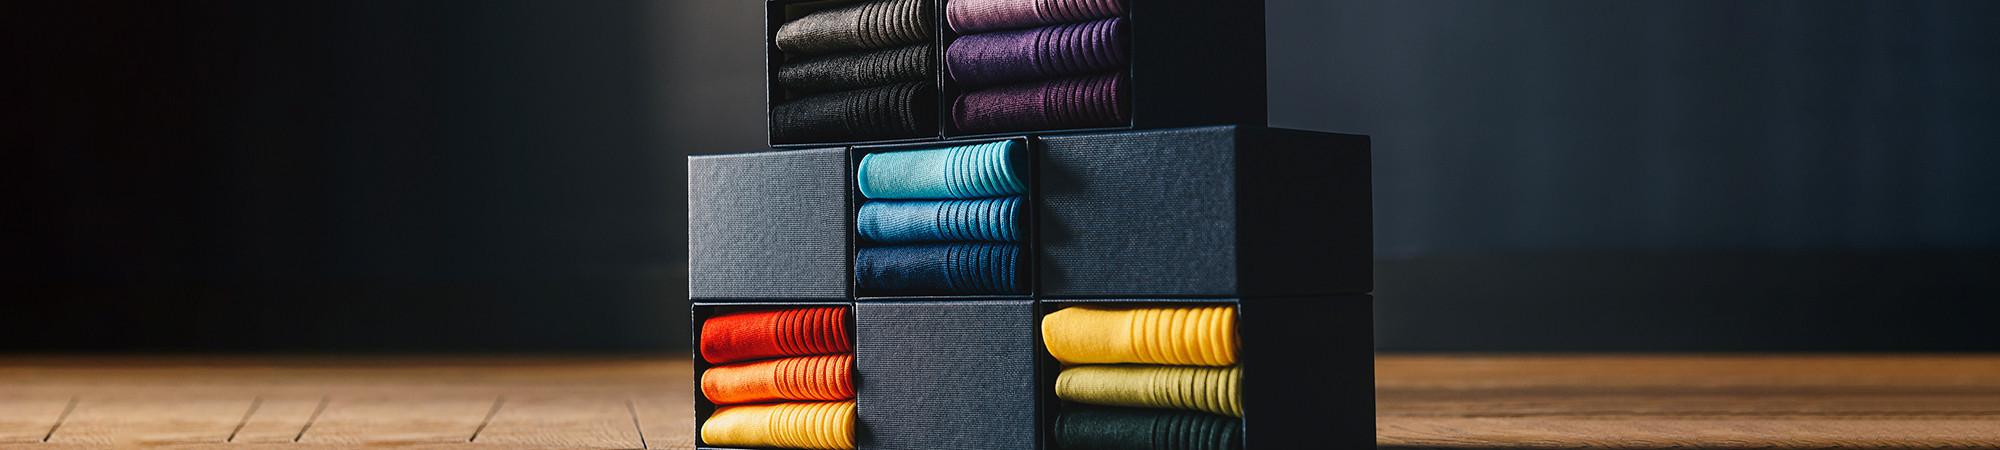 Chaussettes pour homme en fil d'écosse - Emling